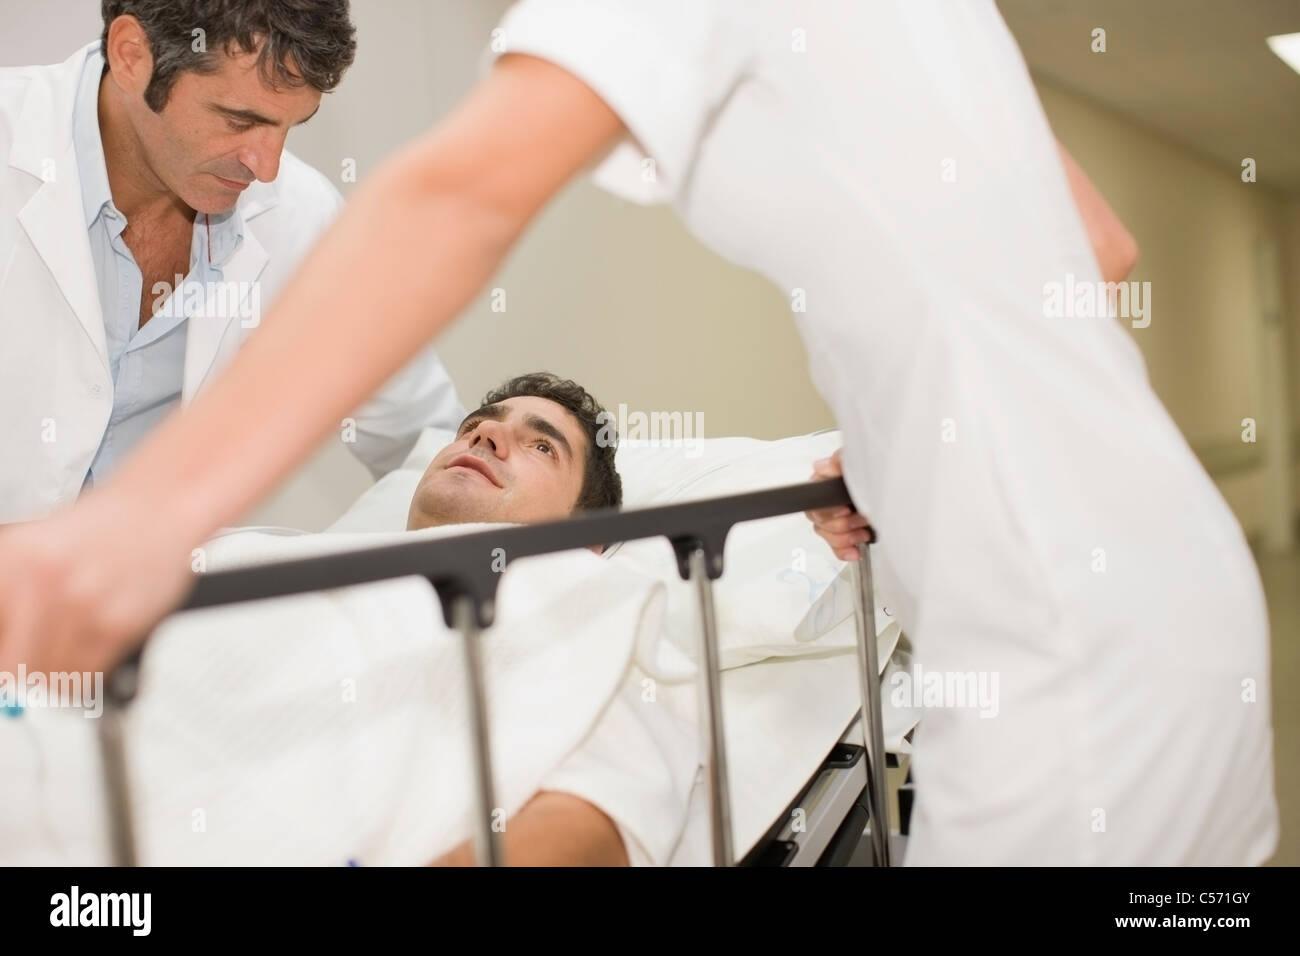 Doctors rushing patient down hallway - Stock Image